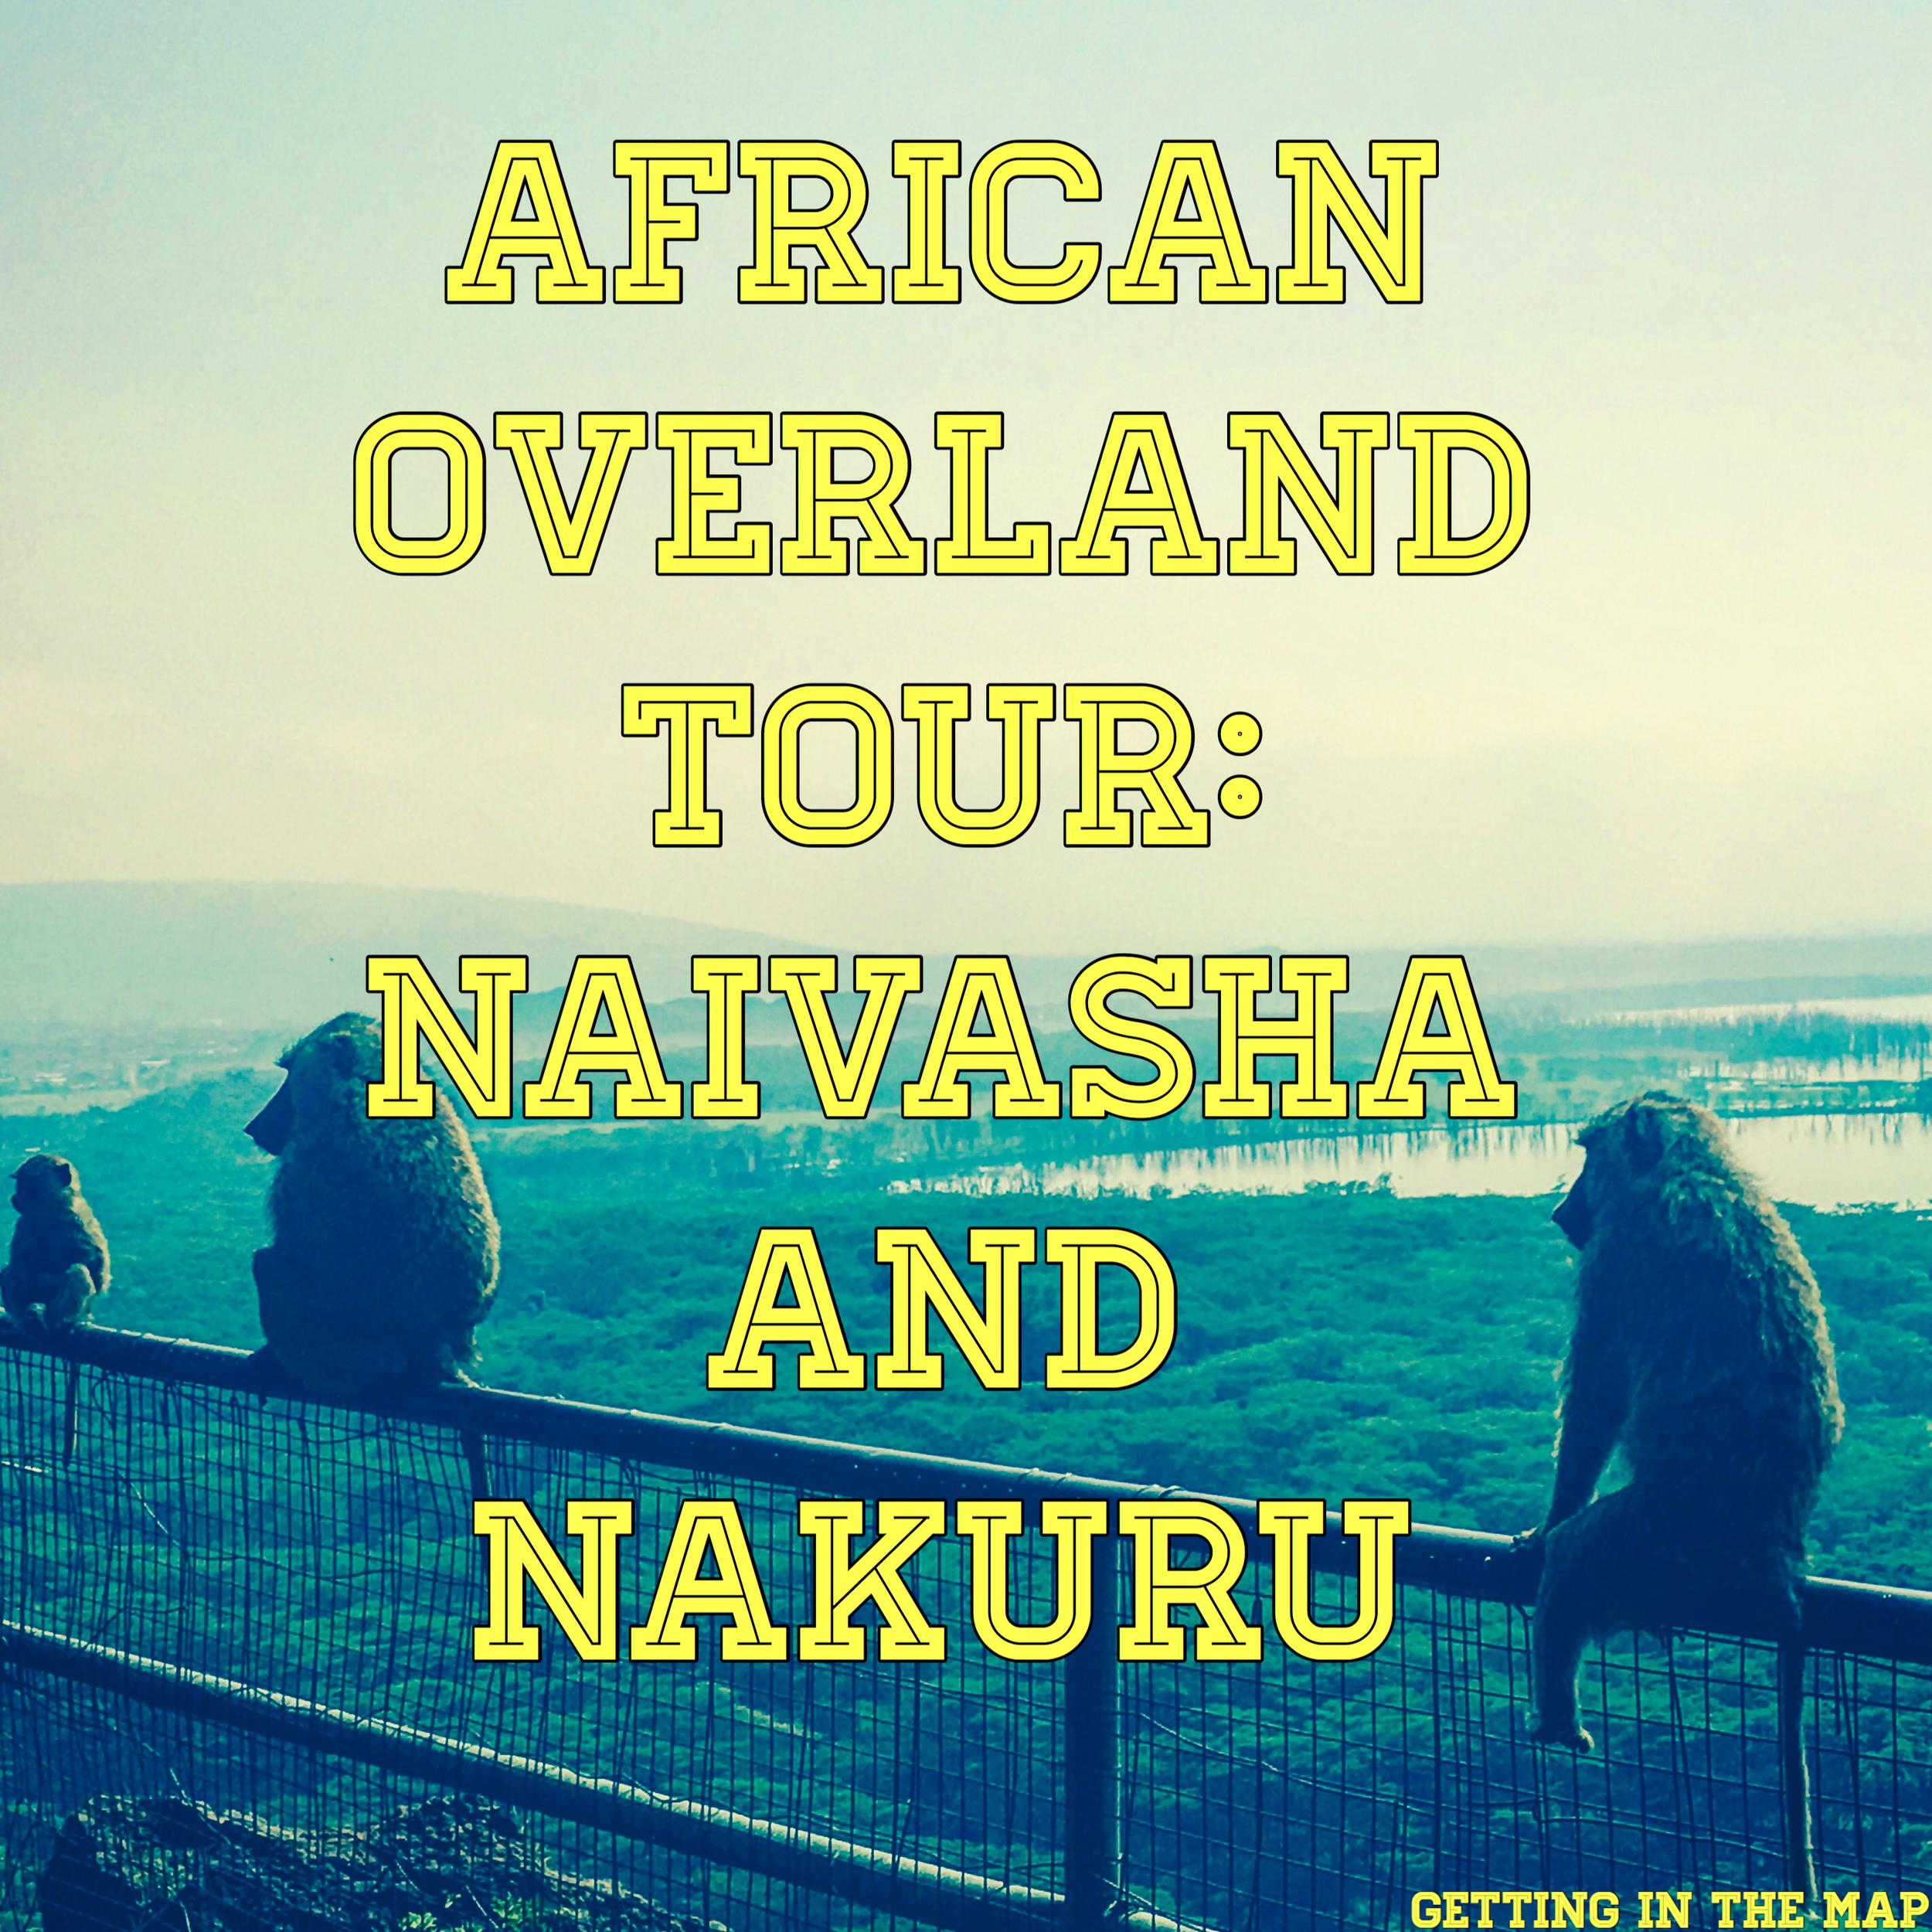 GettingInTheMapAfricanOverlandNaivashaNakuru